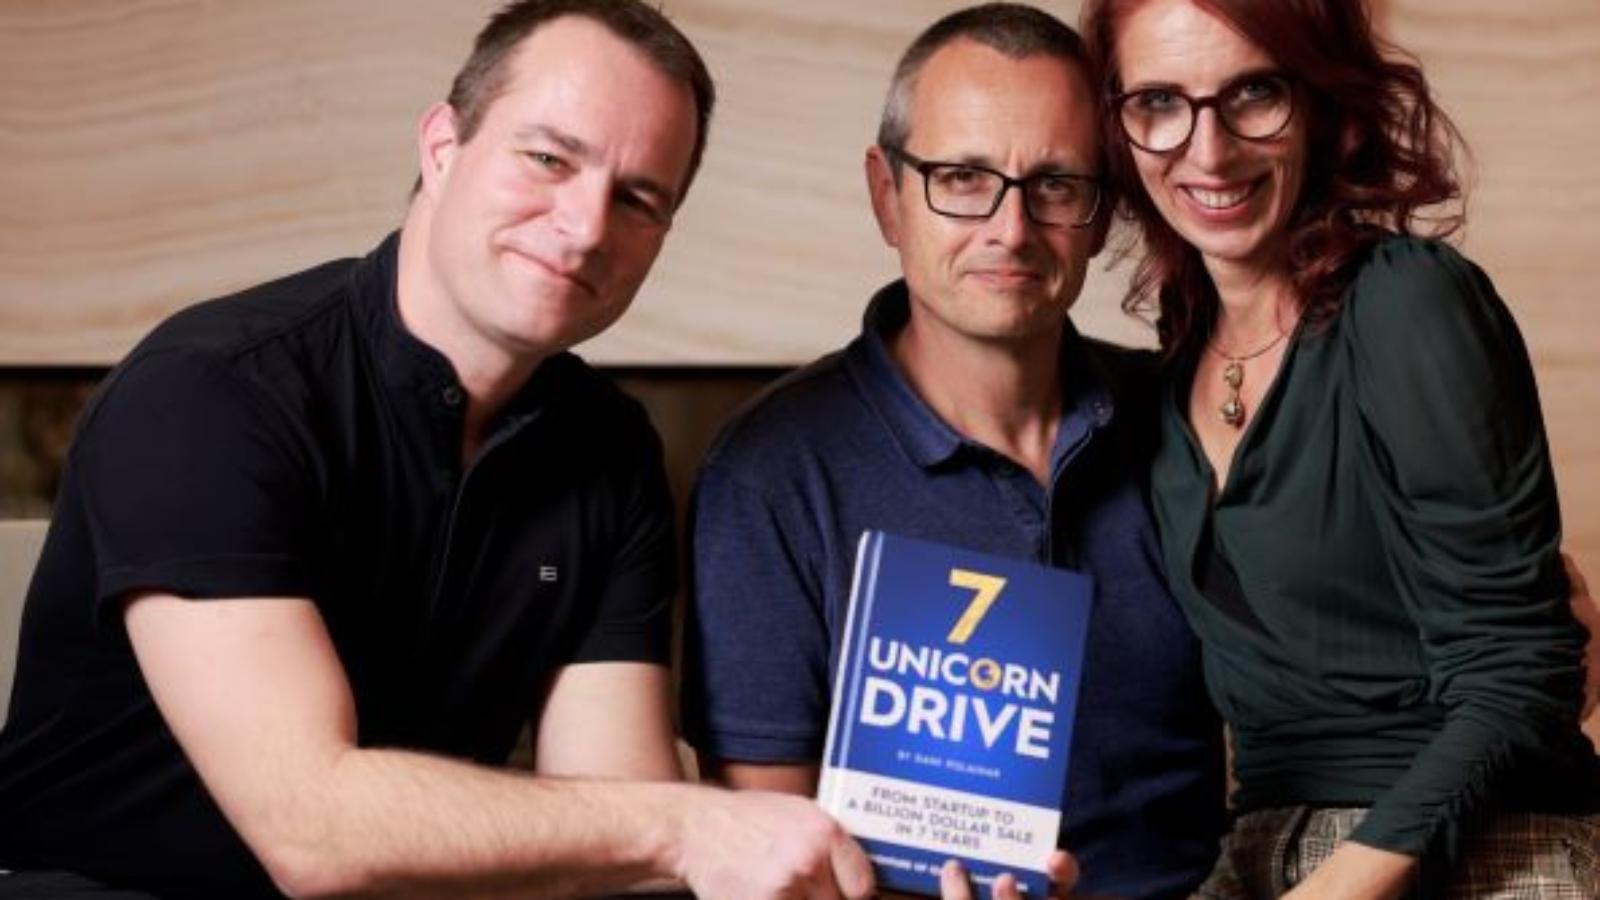 Dani Polajnar, Samo in Iza Login s knjigo